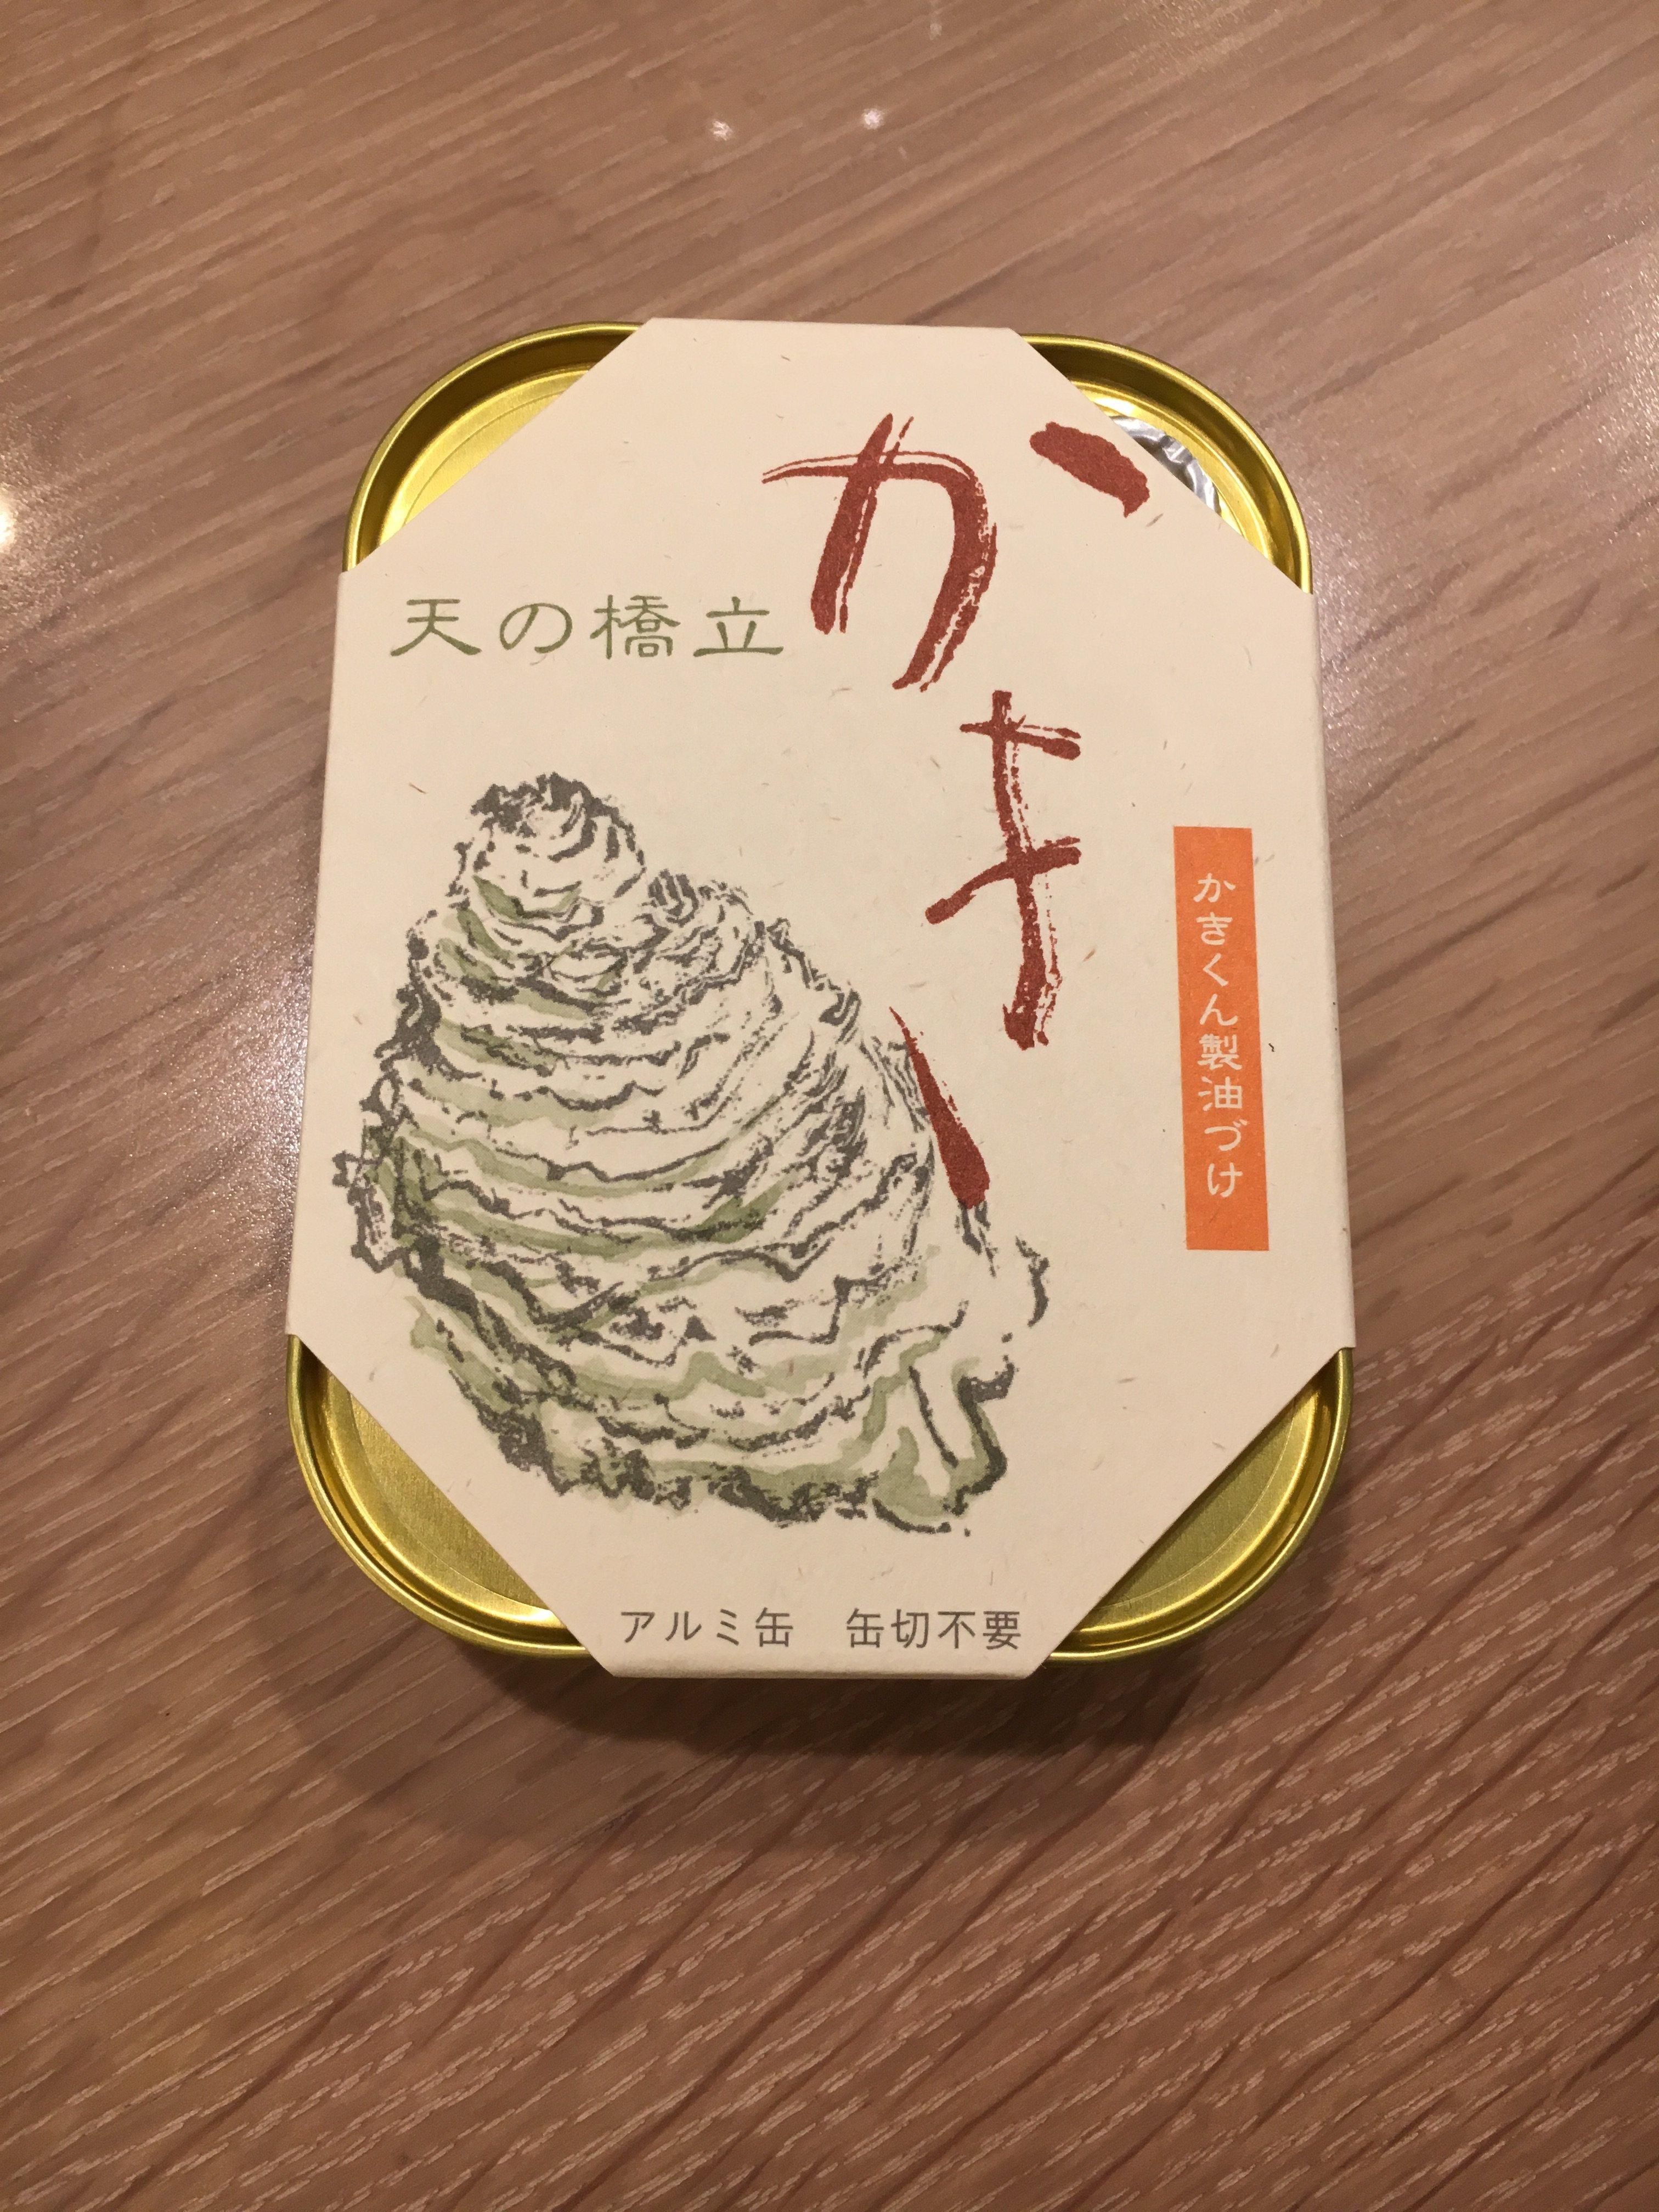 竹中缶詰 天の橋立 かき燻くん油づけ  かきの缶詰では最高の美味しさ